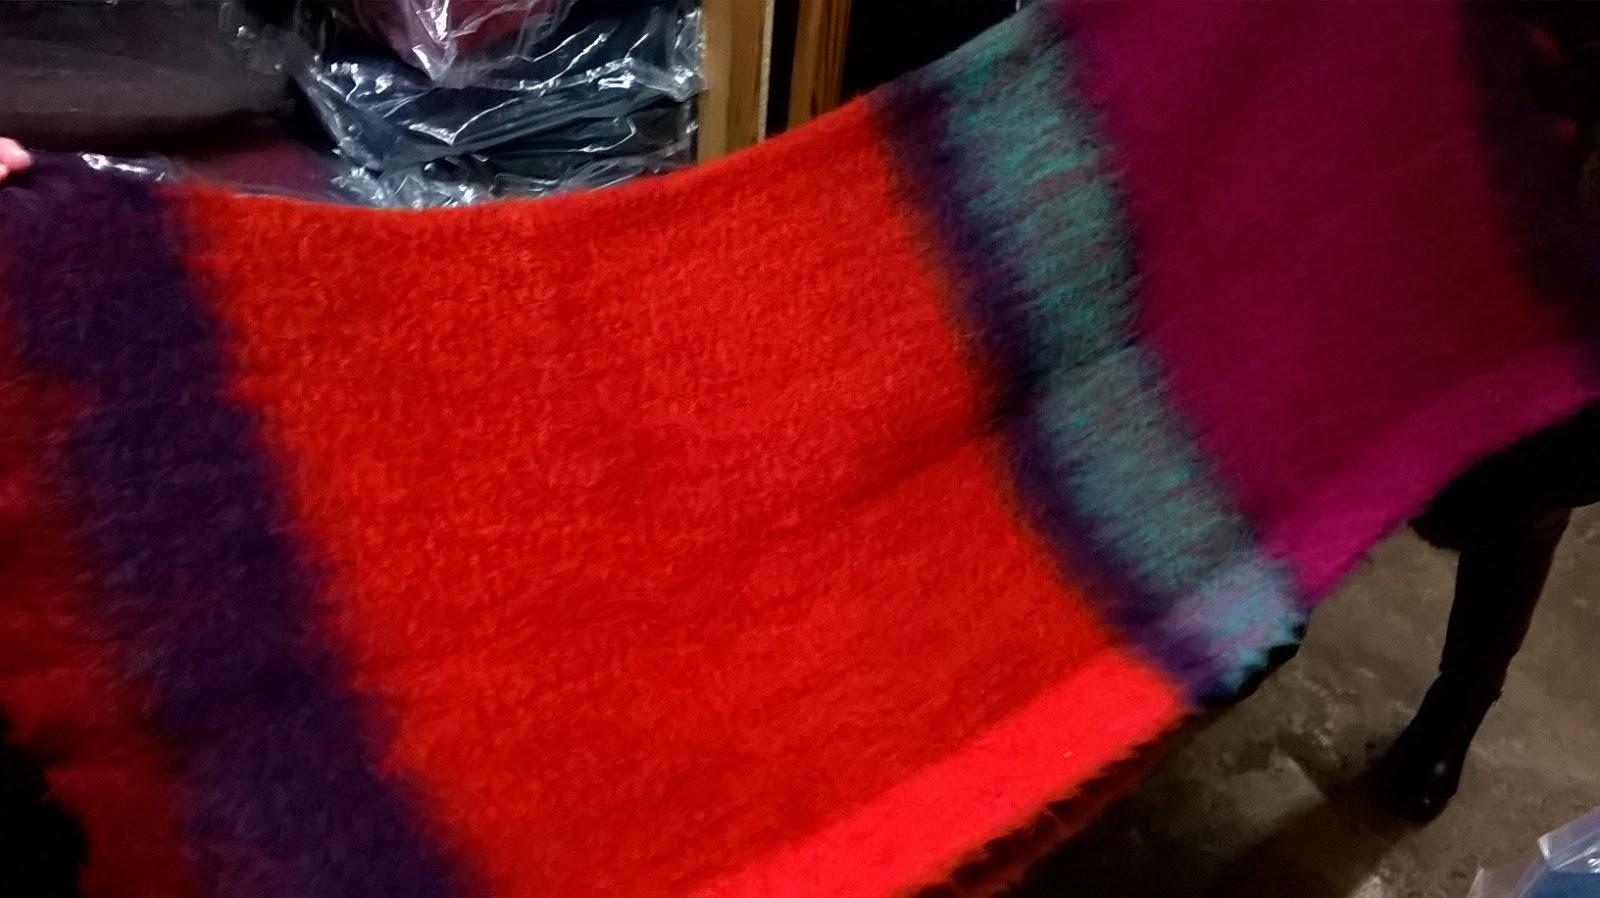 mohair de espaa las fabrican en mantas ezcaray la familia valgan desde ezcaray en la rioja a los pies de la sierra de la demanda